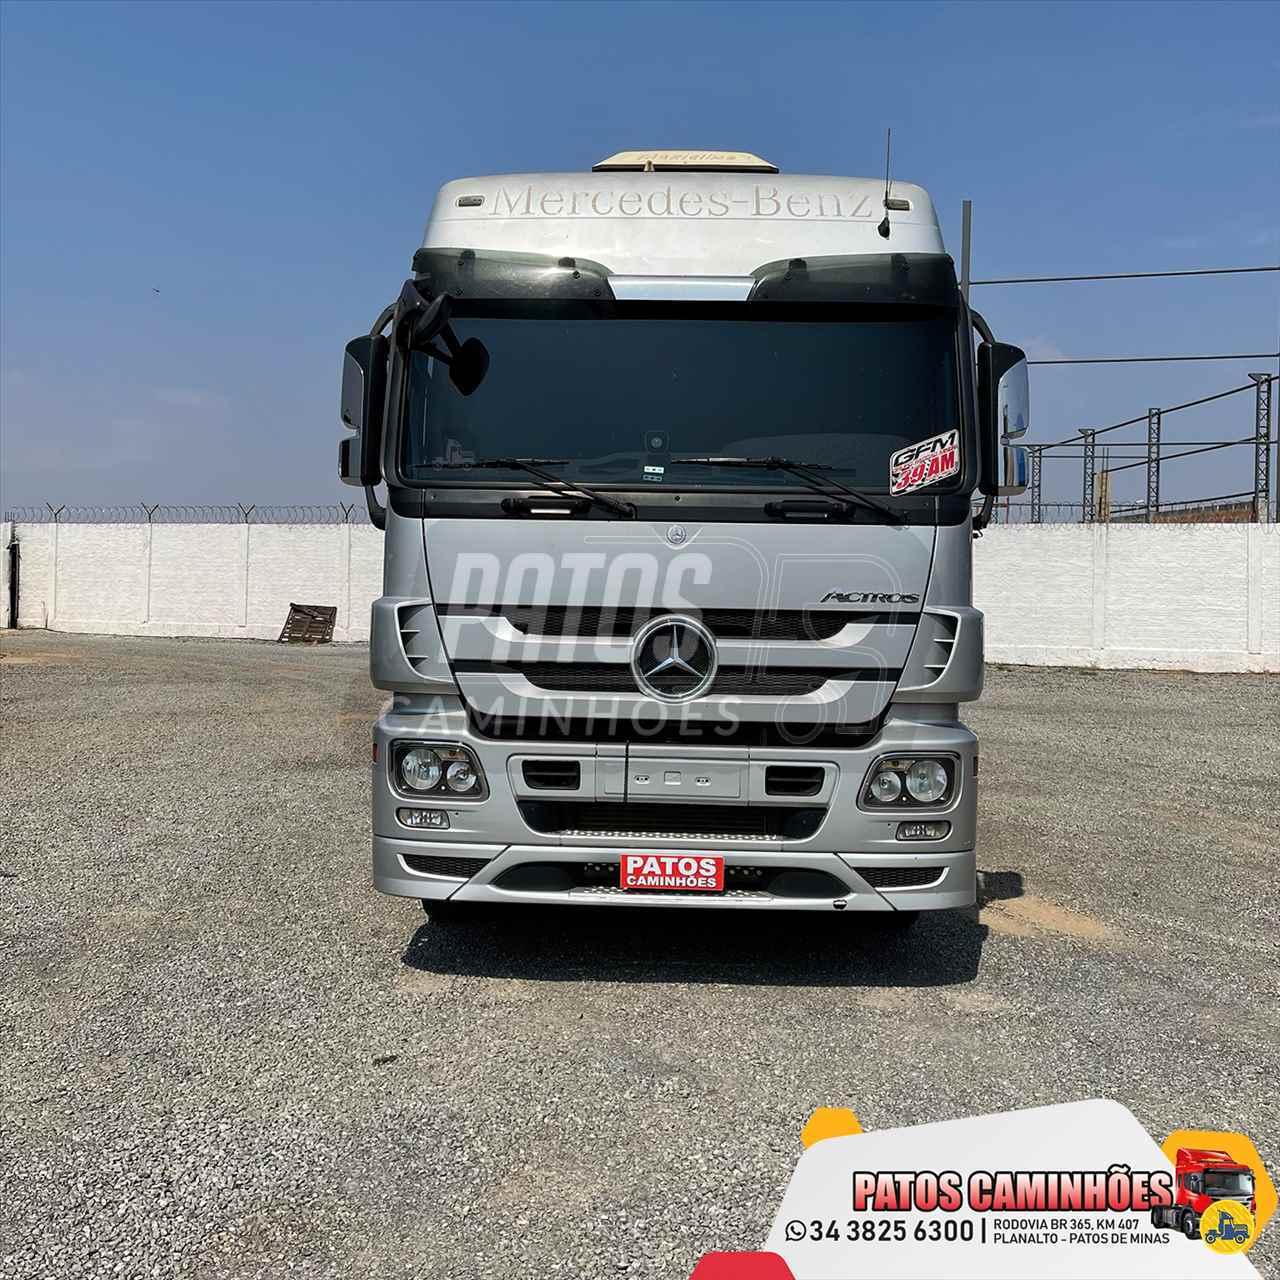 CAMINHAO MERCEDES-BENZ MB 2546 Cavalo Mecânico Truck 6x2 Patos Caminhões PATOS DE MINAS MINAS GERAIS MG